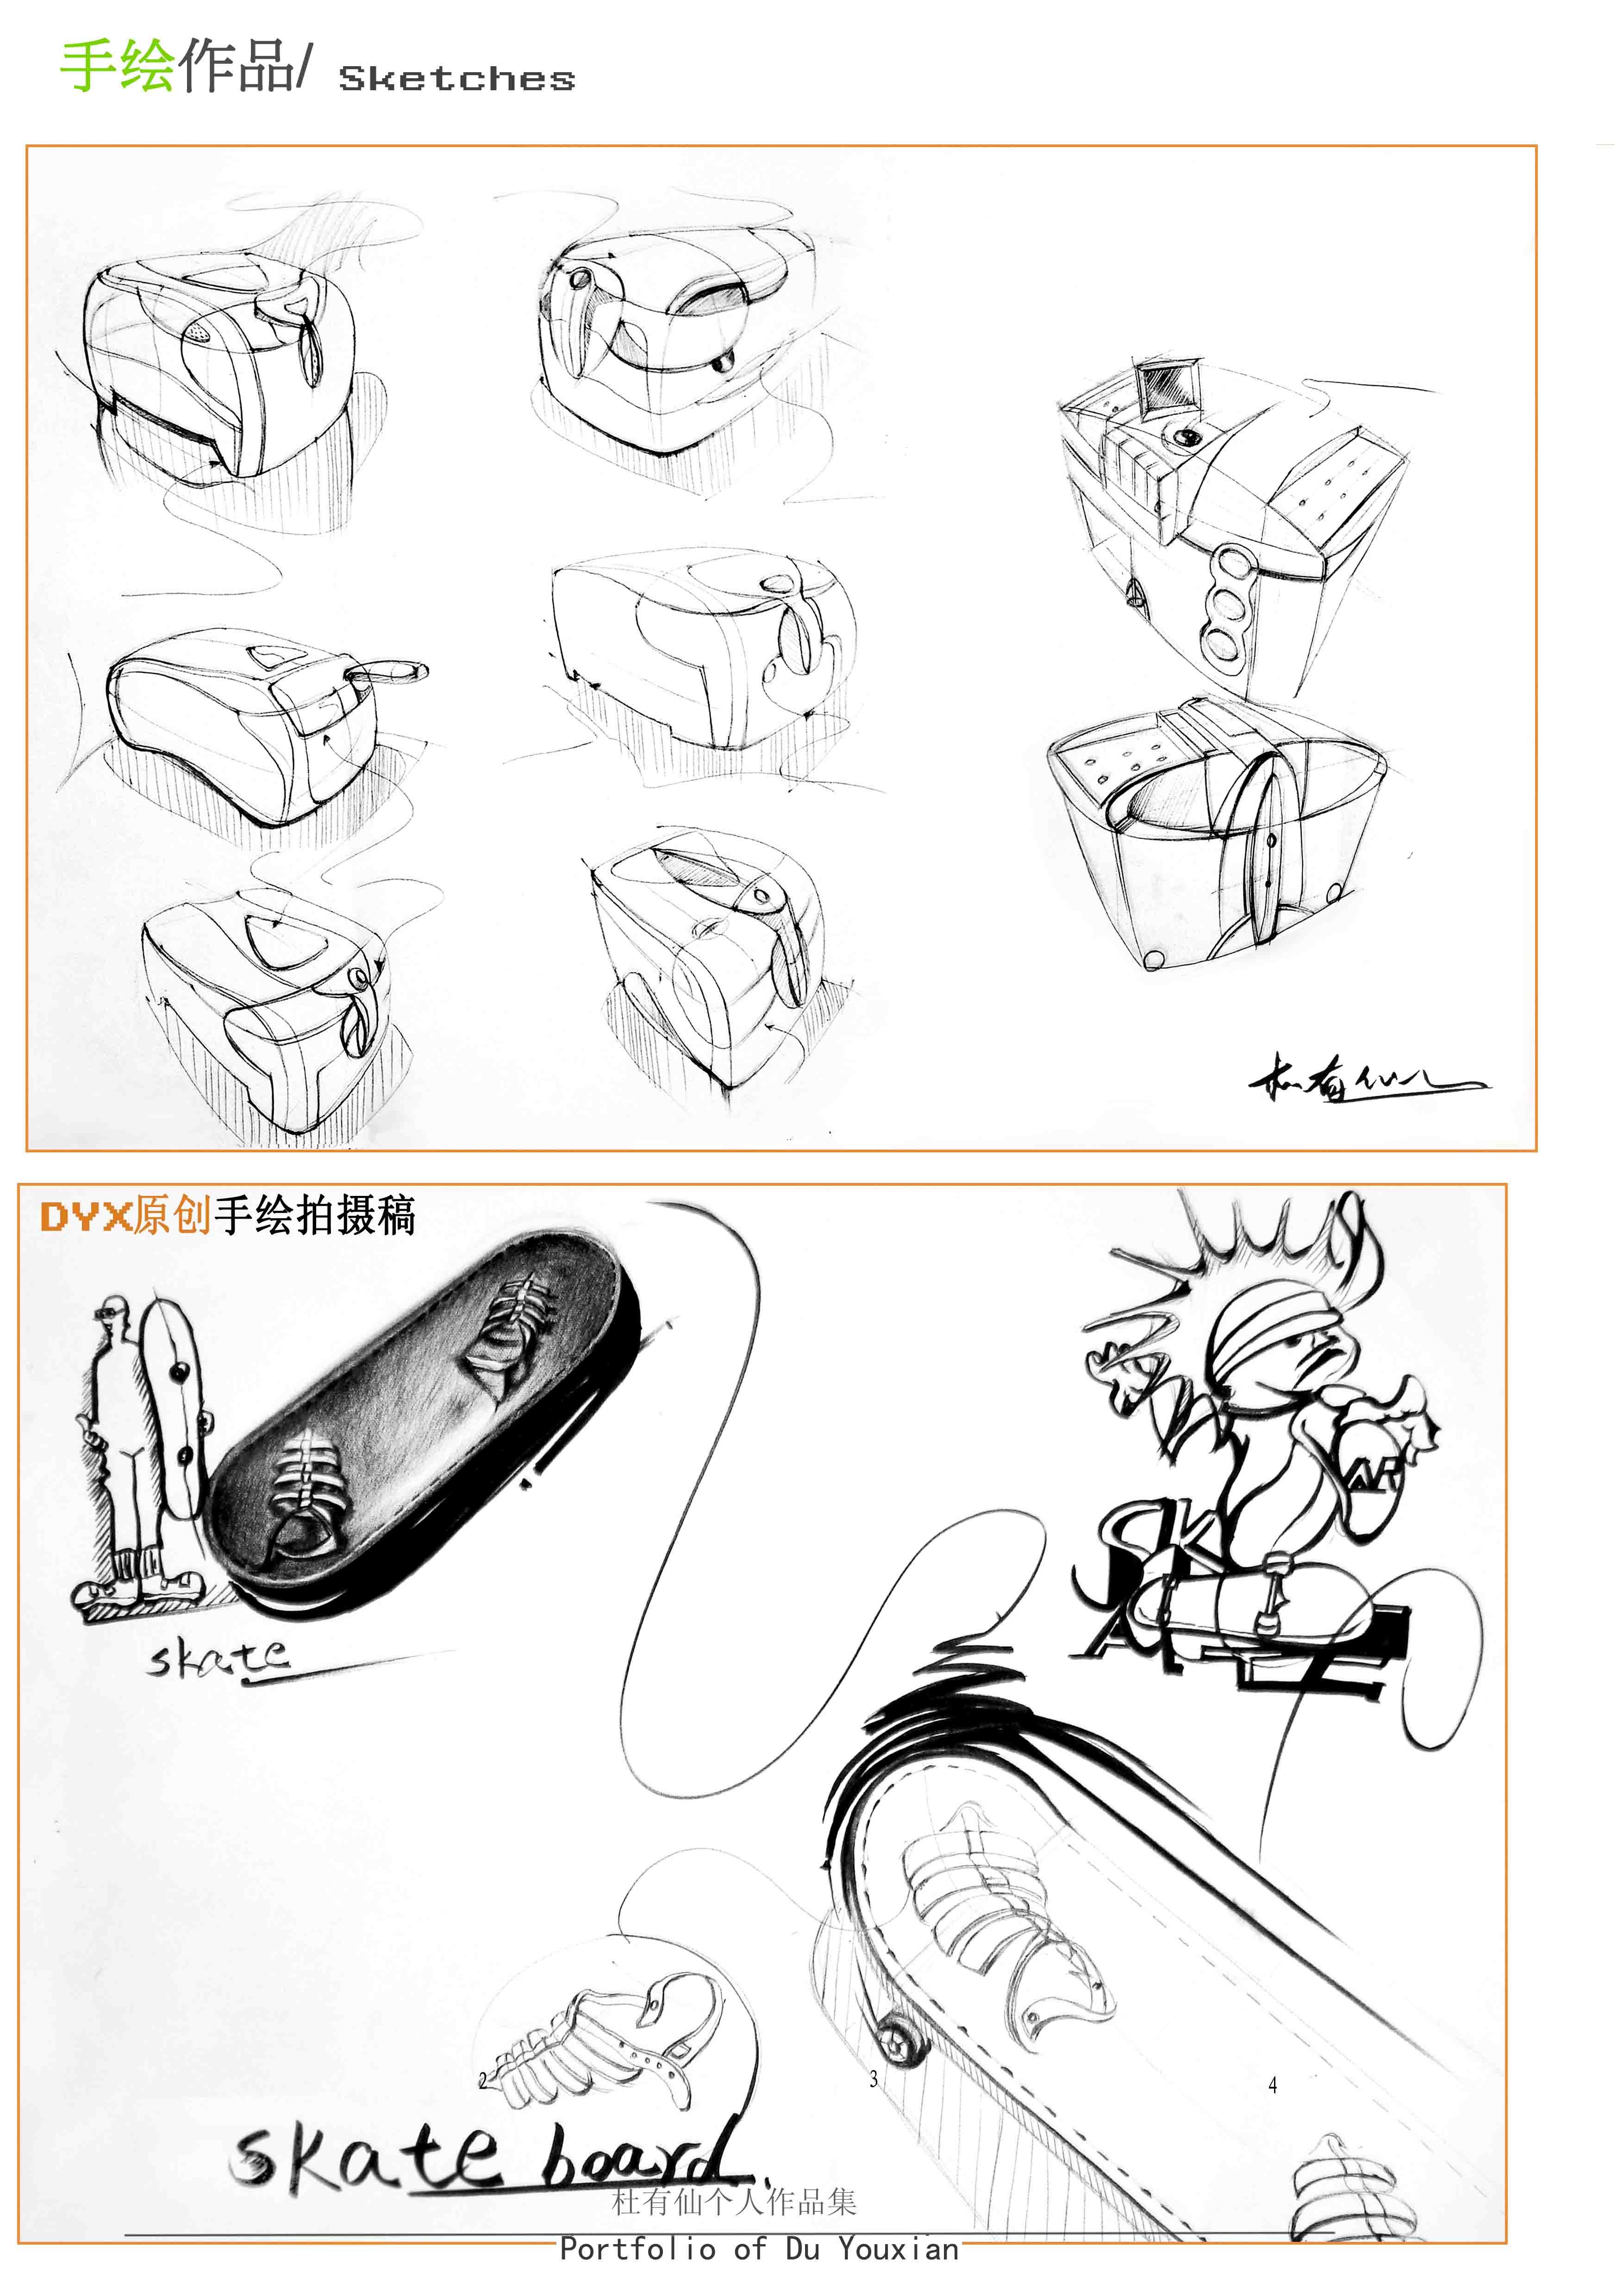 各手绘案例 产品,植物,室内场景手绘制作